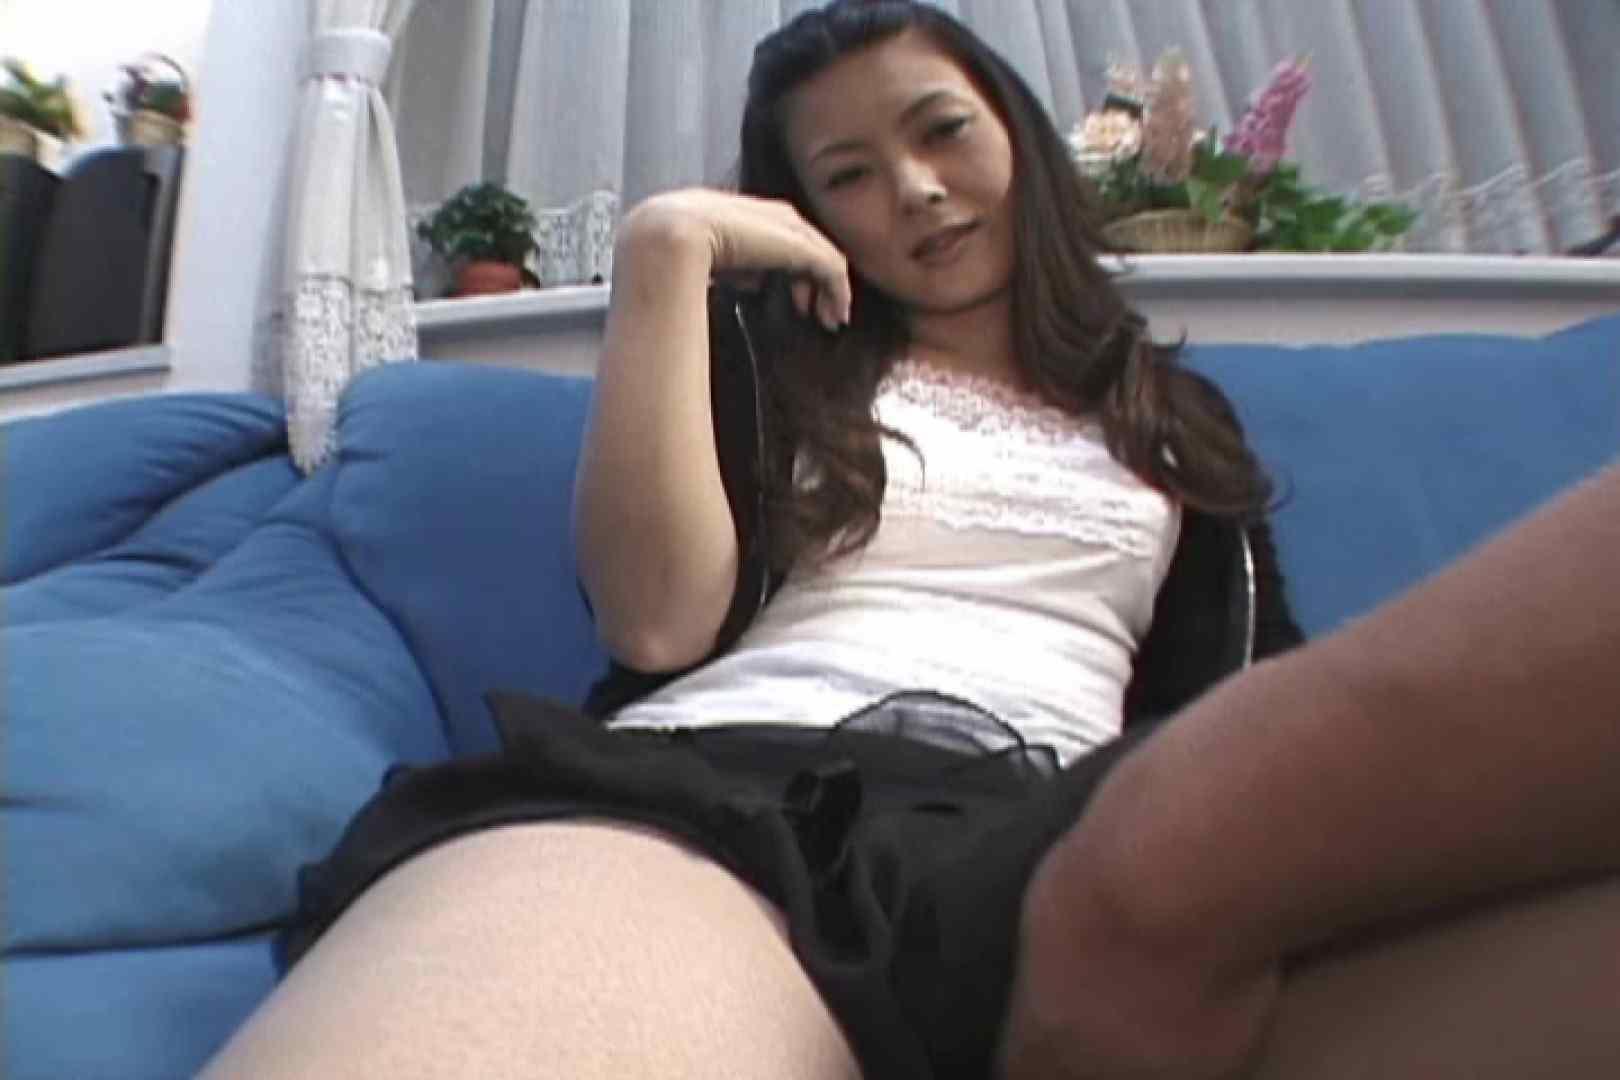 初めての撮影、涙の後には・・・~佳山玲子~ ハプニング | ローター  70pic 31